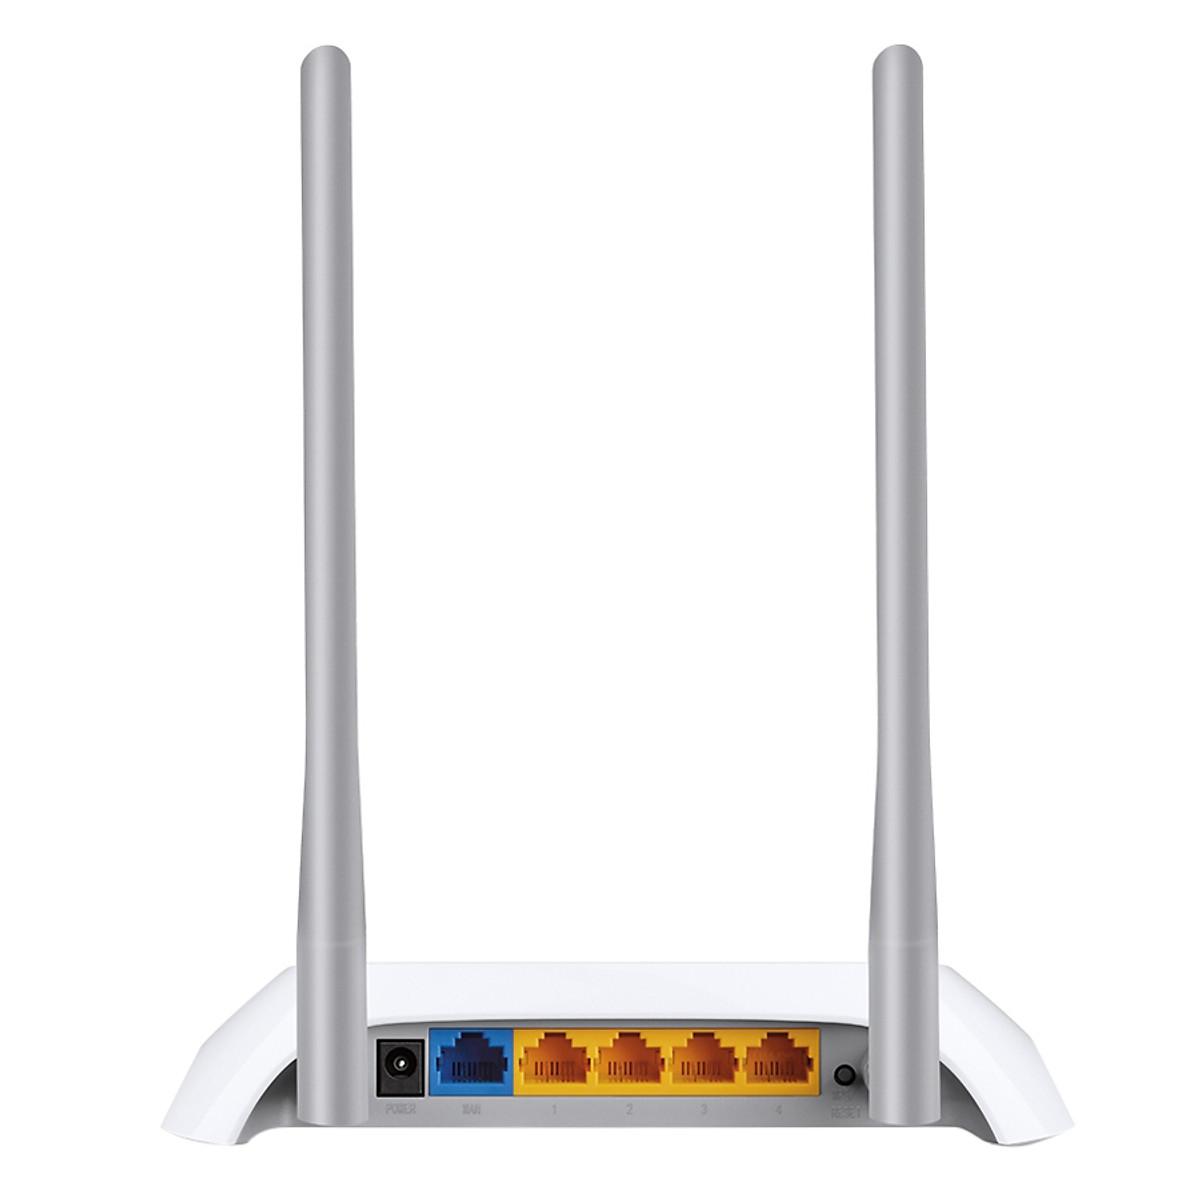 Router Wifi Chuẩn N TP-Link TL-WR840N - Hàng Chính Hãng